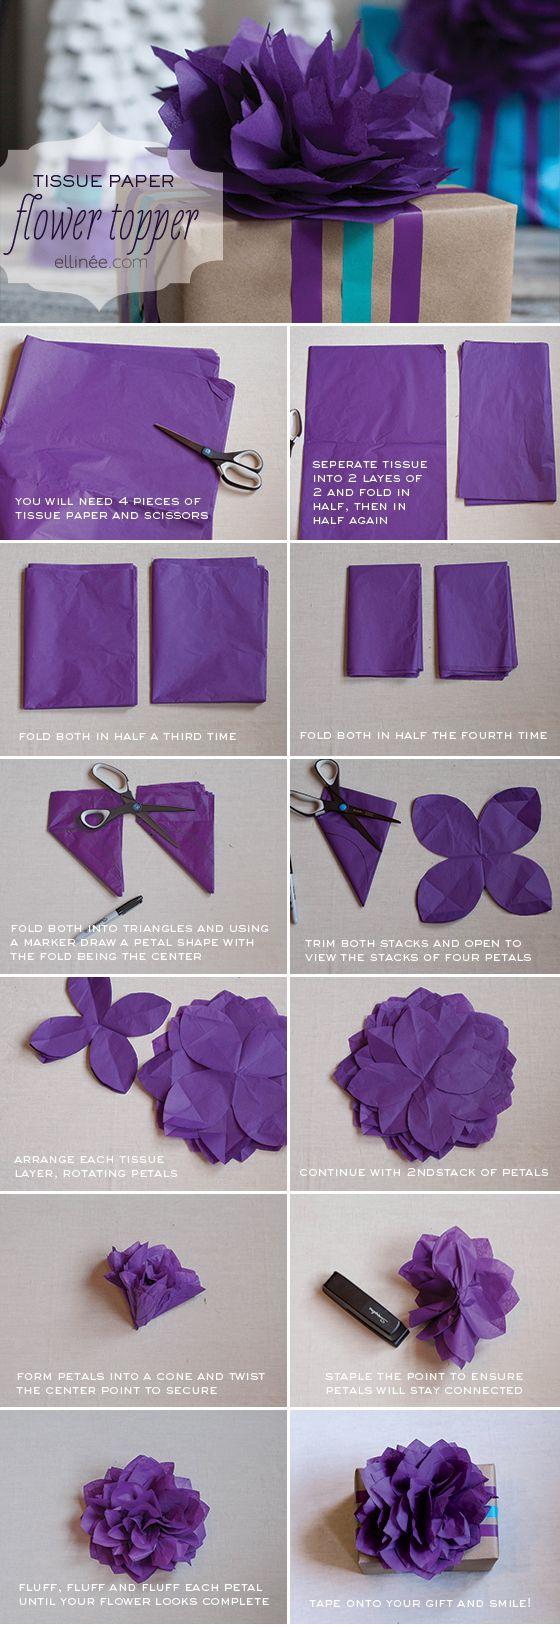 diy tissue paper flower tutorial papierblumen aus farbigen servietten in blattform geschnitten. Black Bedroom Furniture Sets. Home Design Ideas